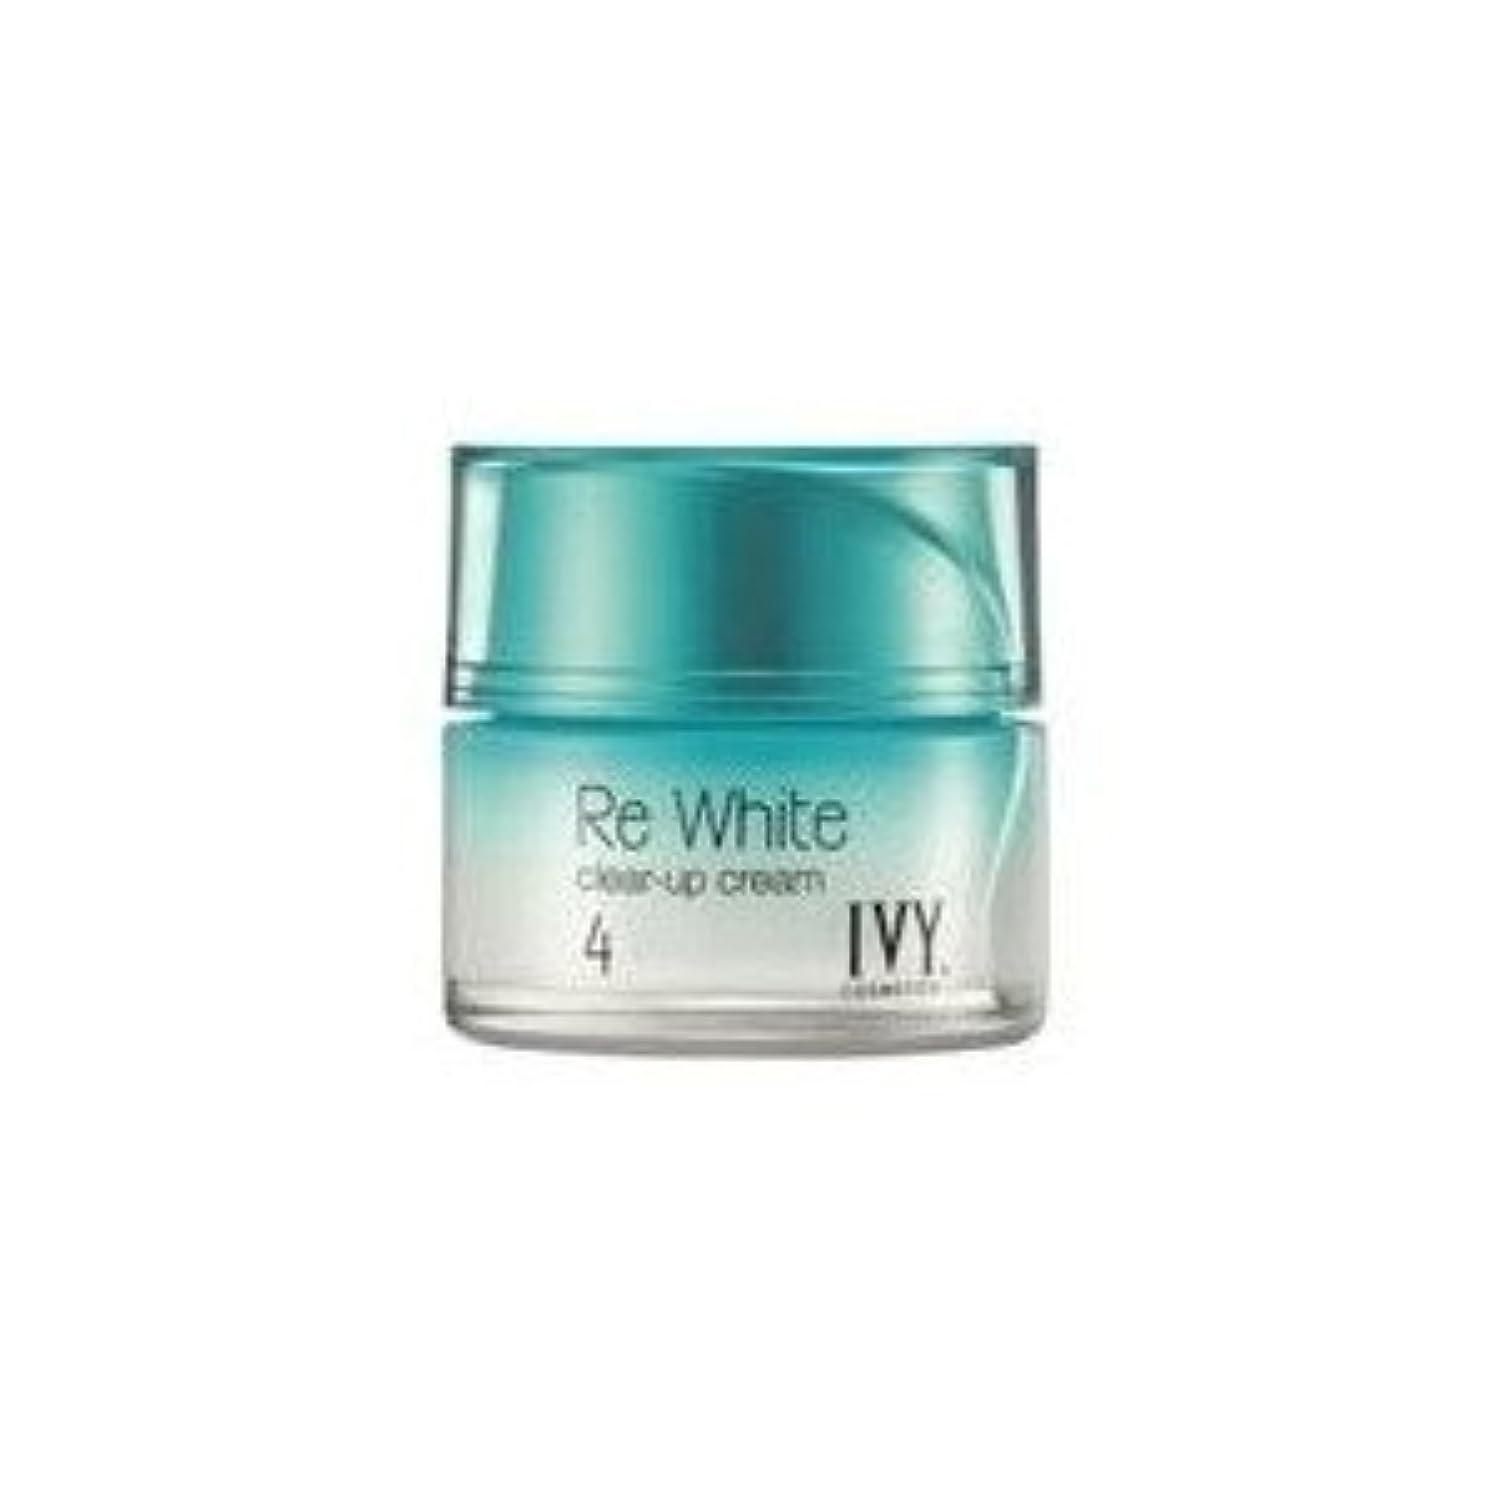 有効なウール年齢アイビー化粧品 リ ホワイト クリアアップ クリーム  (乳液 ? クリーム) 30g